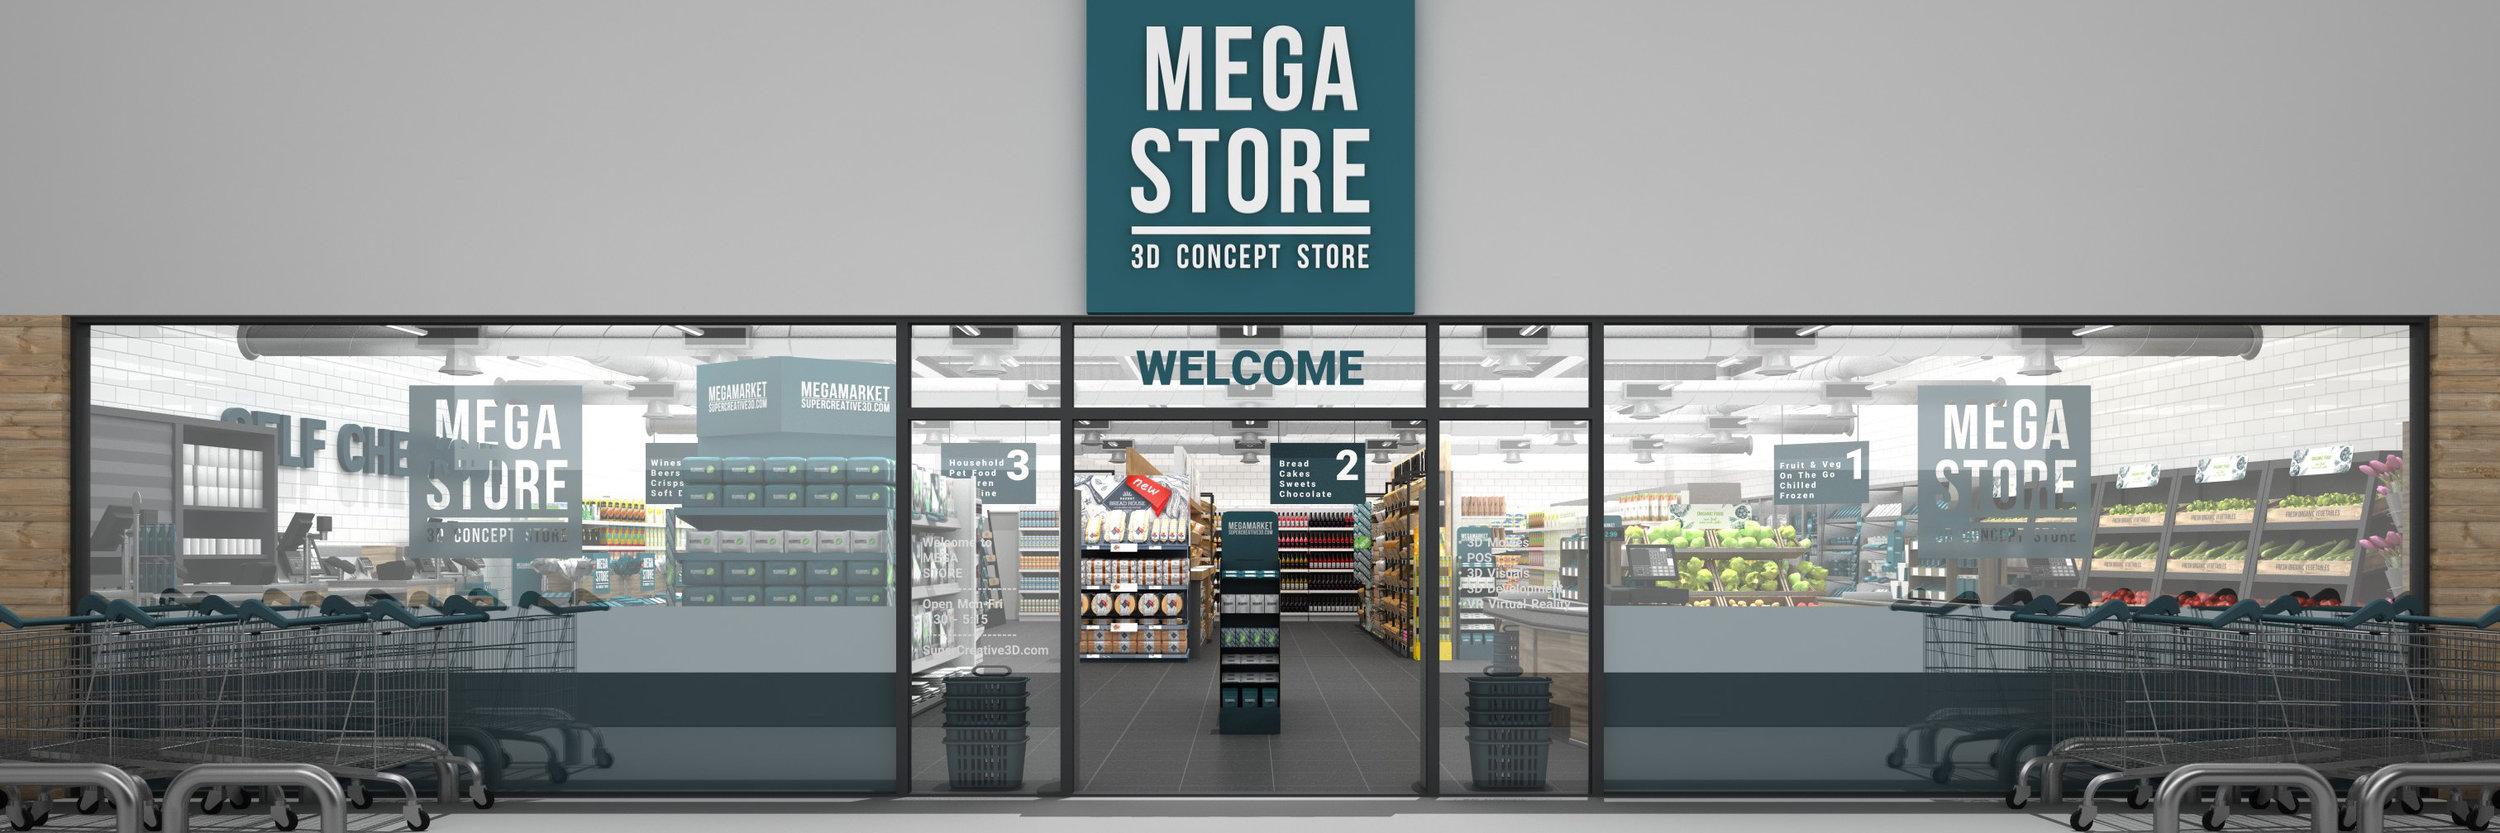 Mega Store.jpg